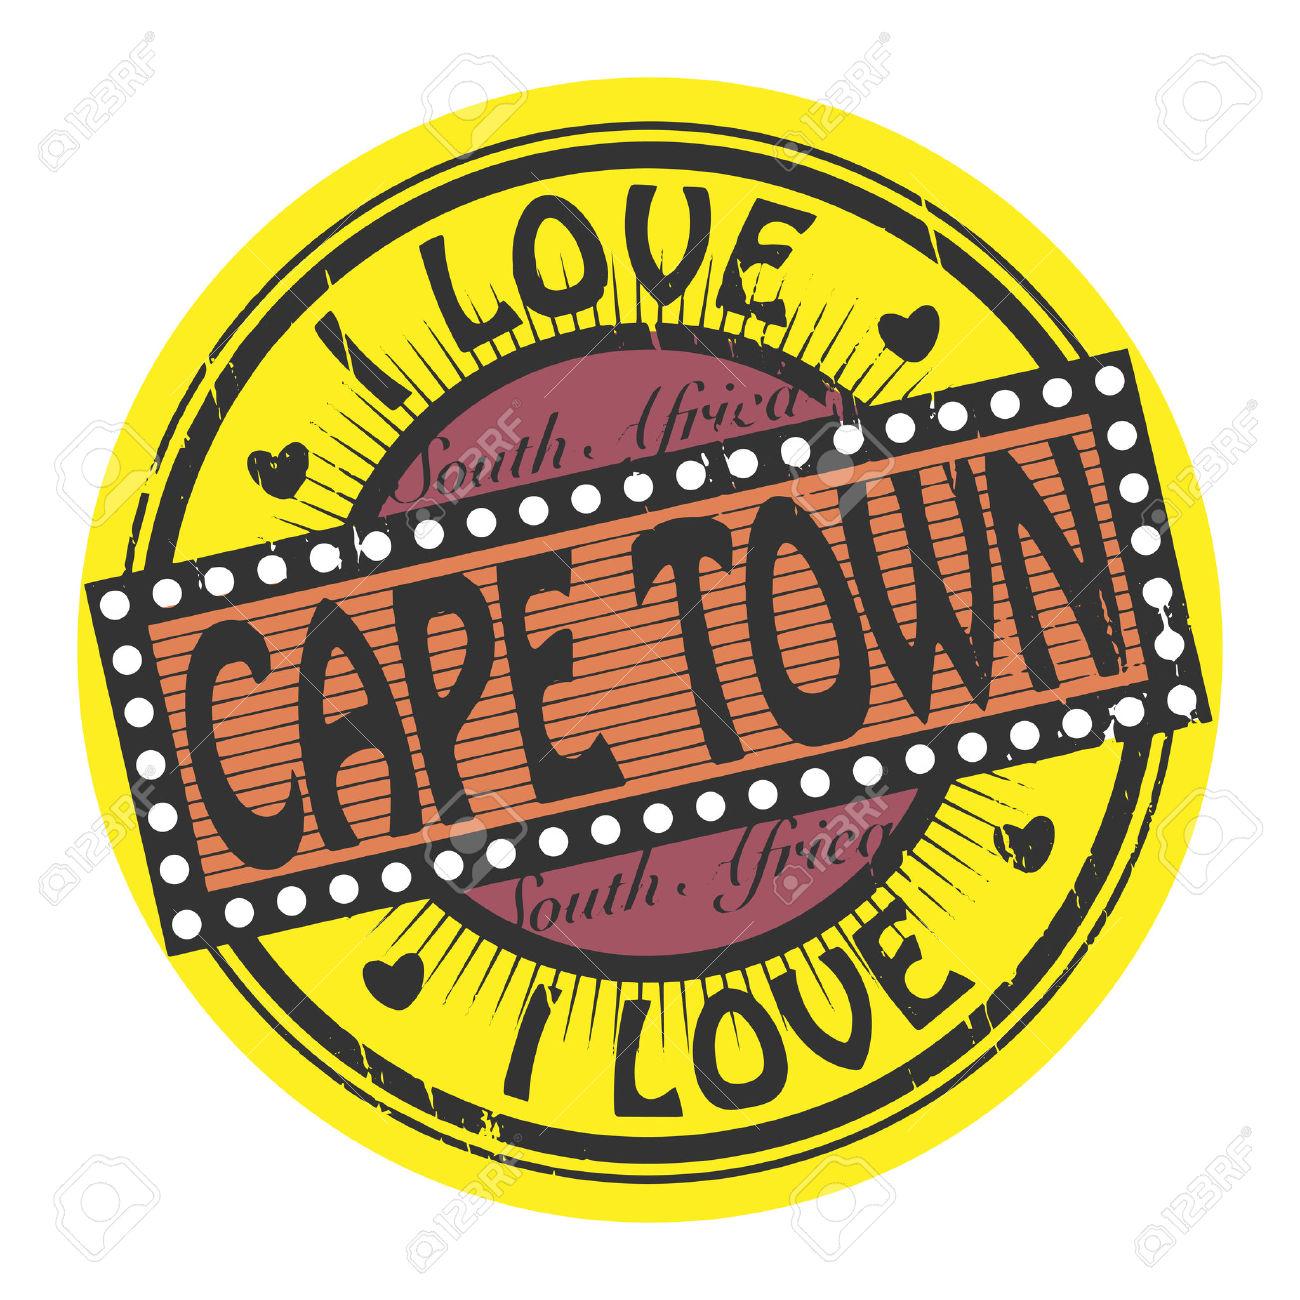 Clipart cape town.